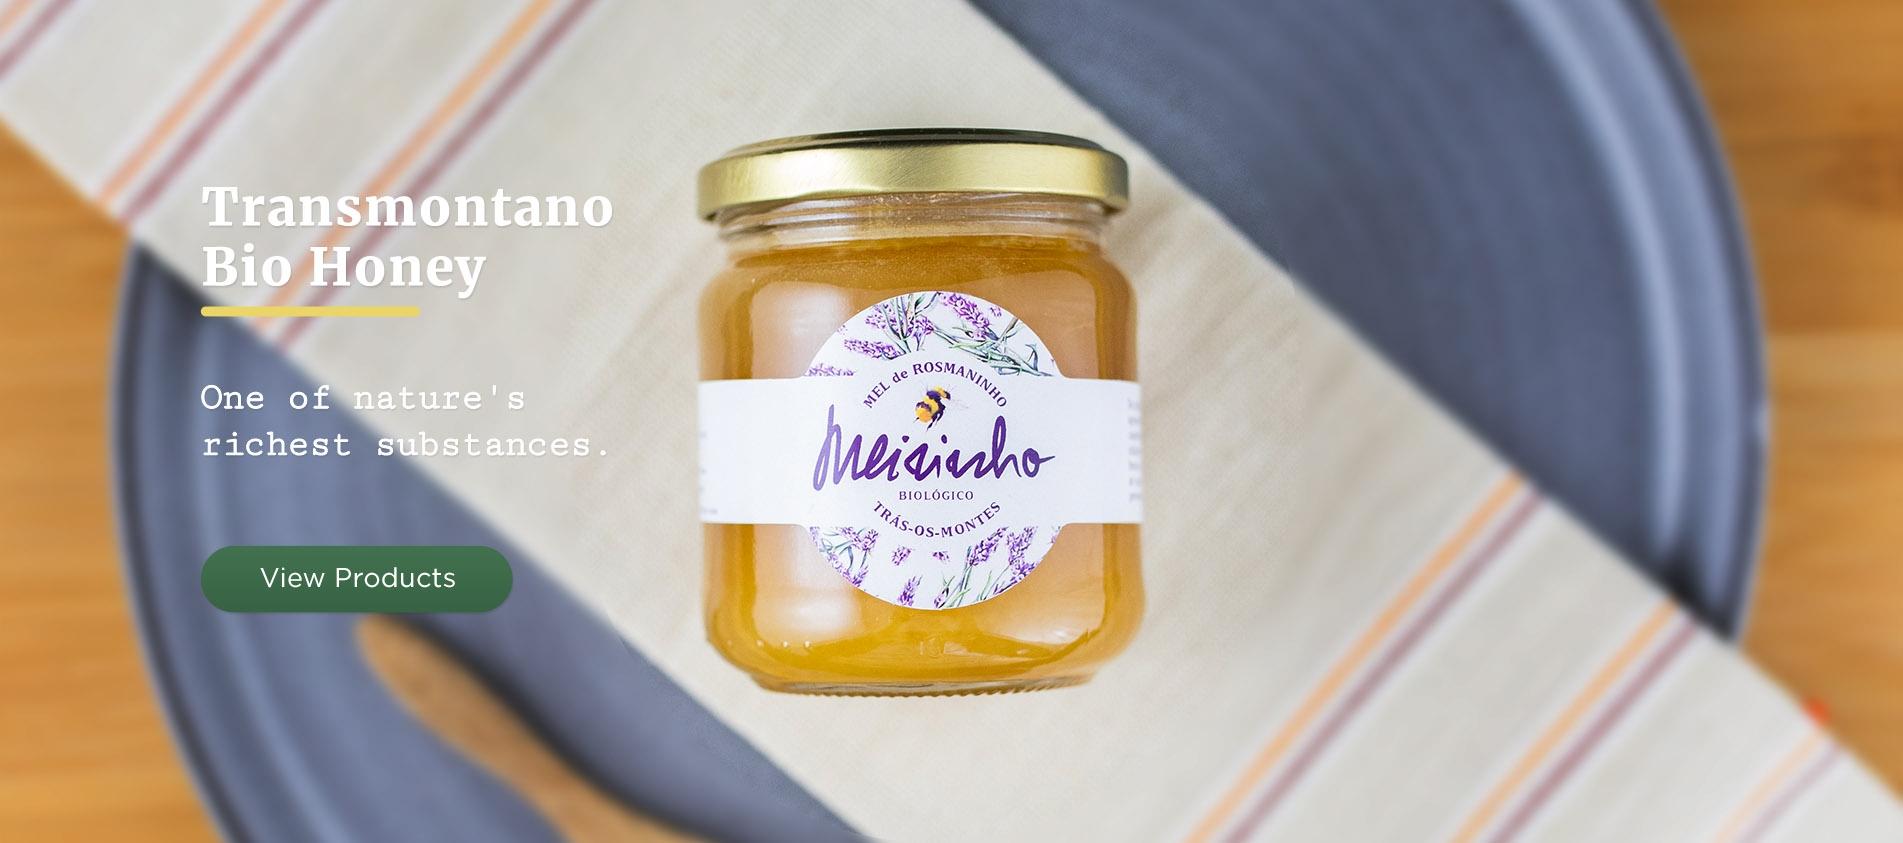 Meirinho Organic Honey